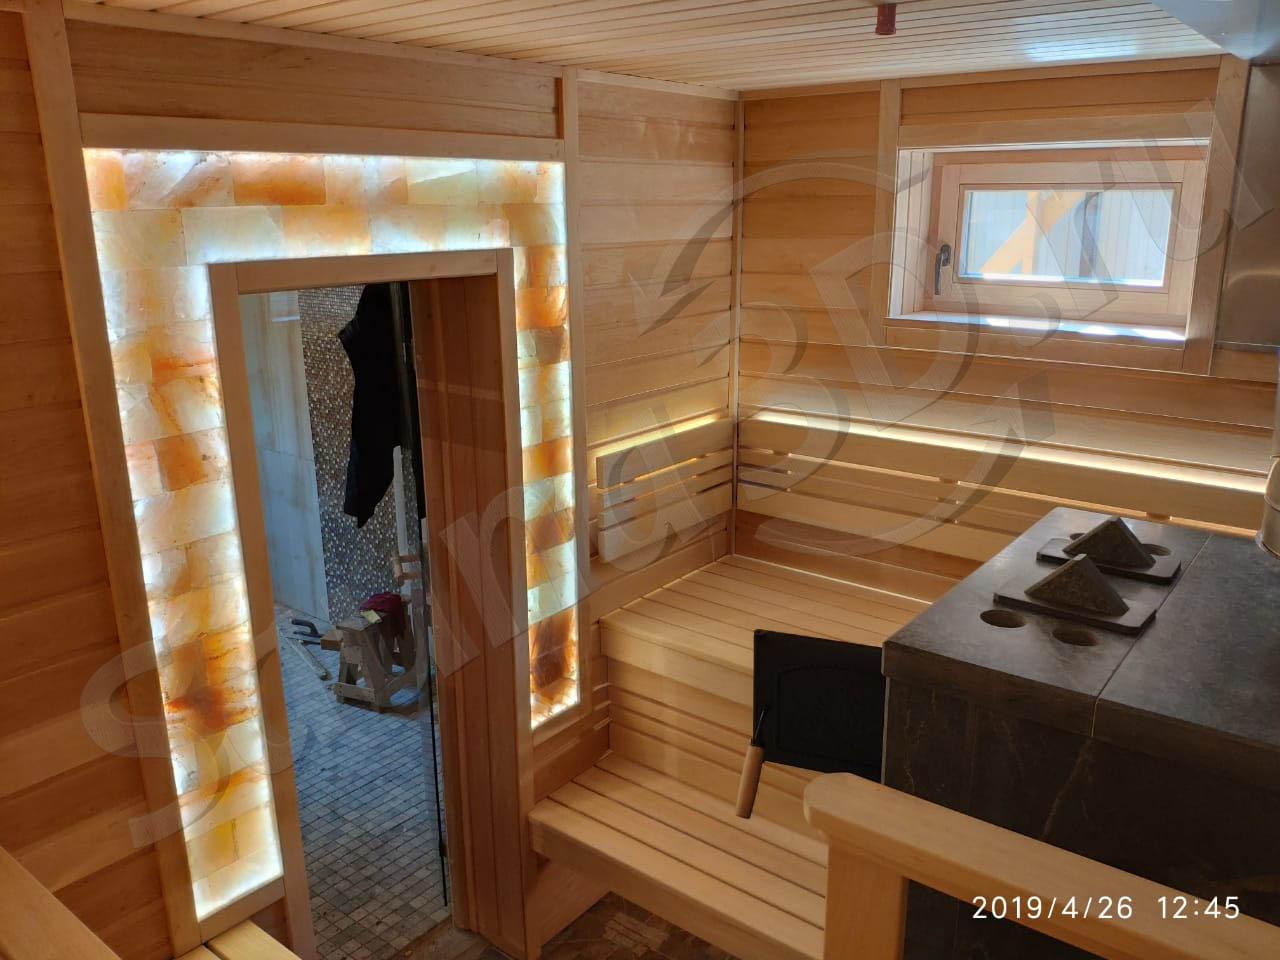 фото готовой бани 799 дизайн бани из ольхи с печью из талькохлорита